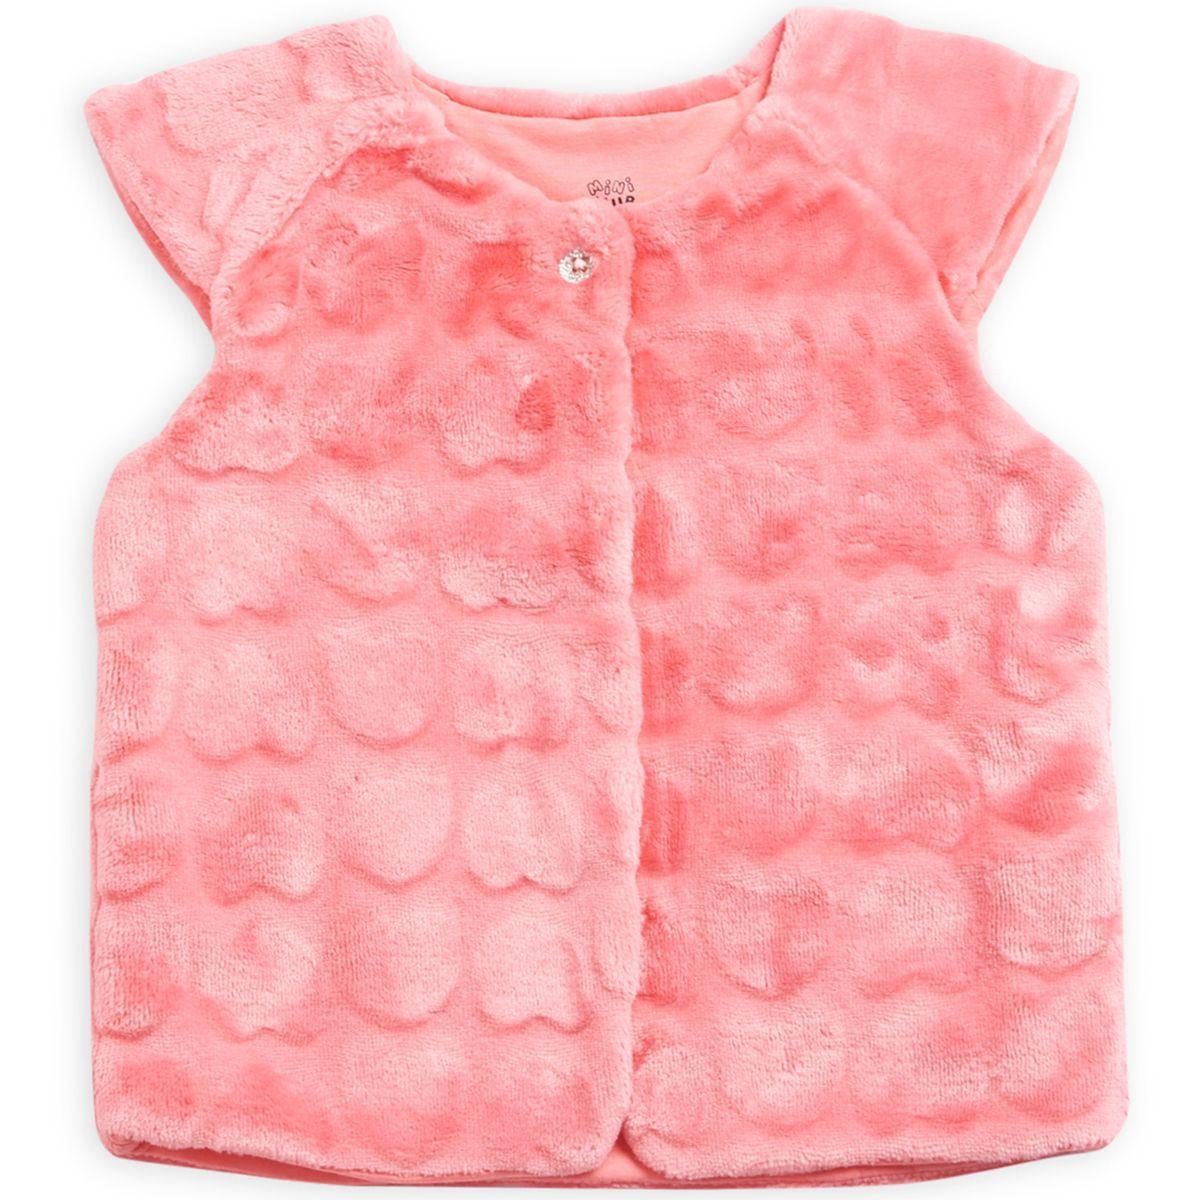 FS MiniKlub Girls Pink Sleeveless Jackets